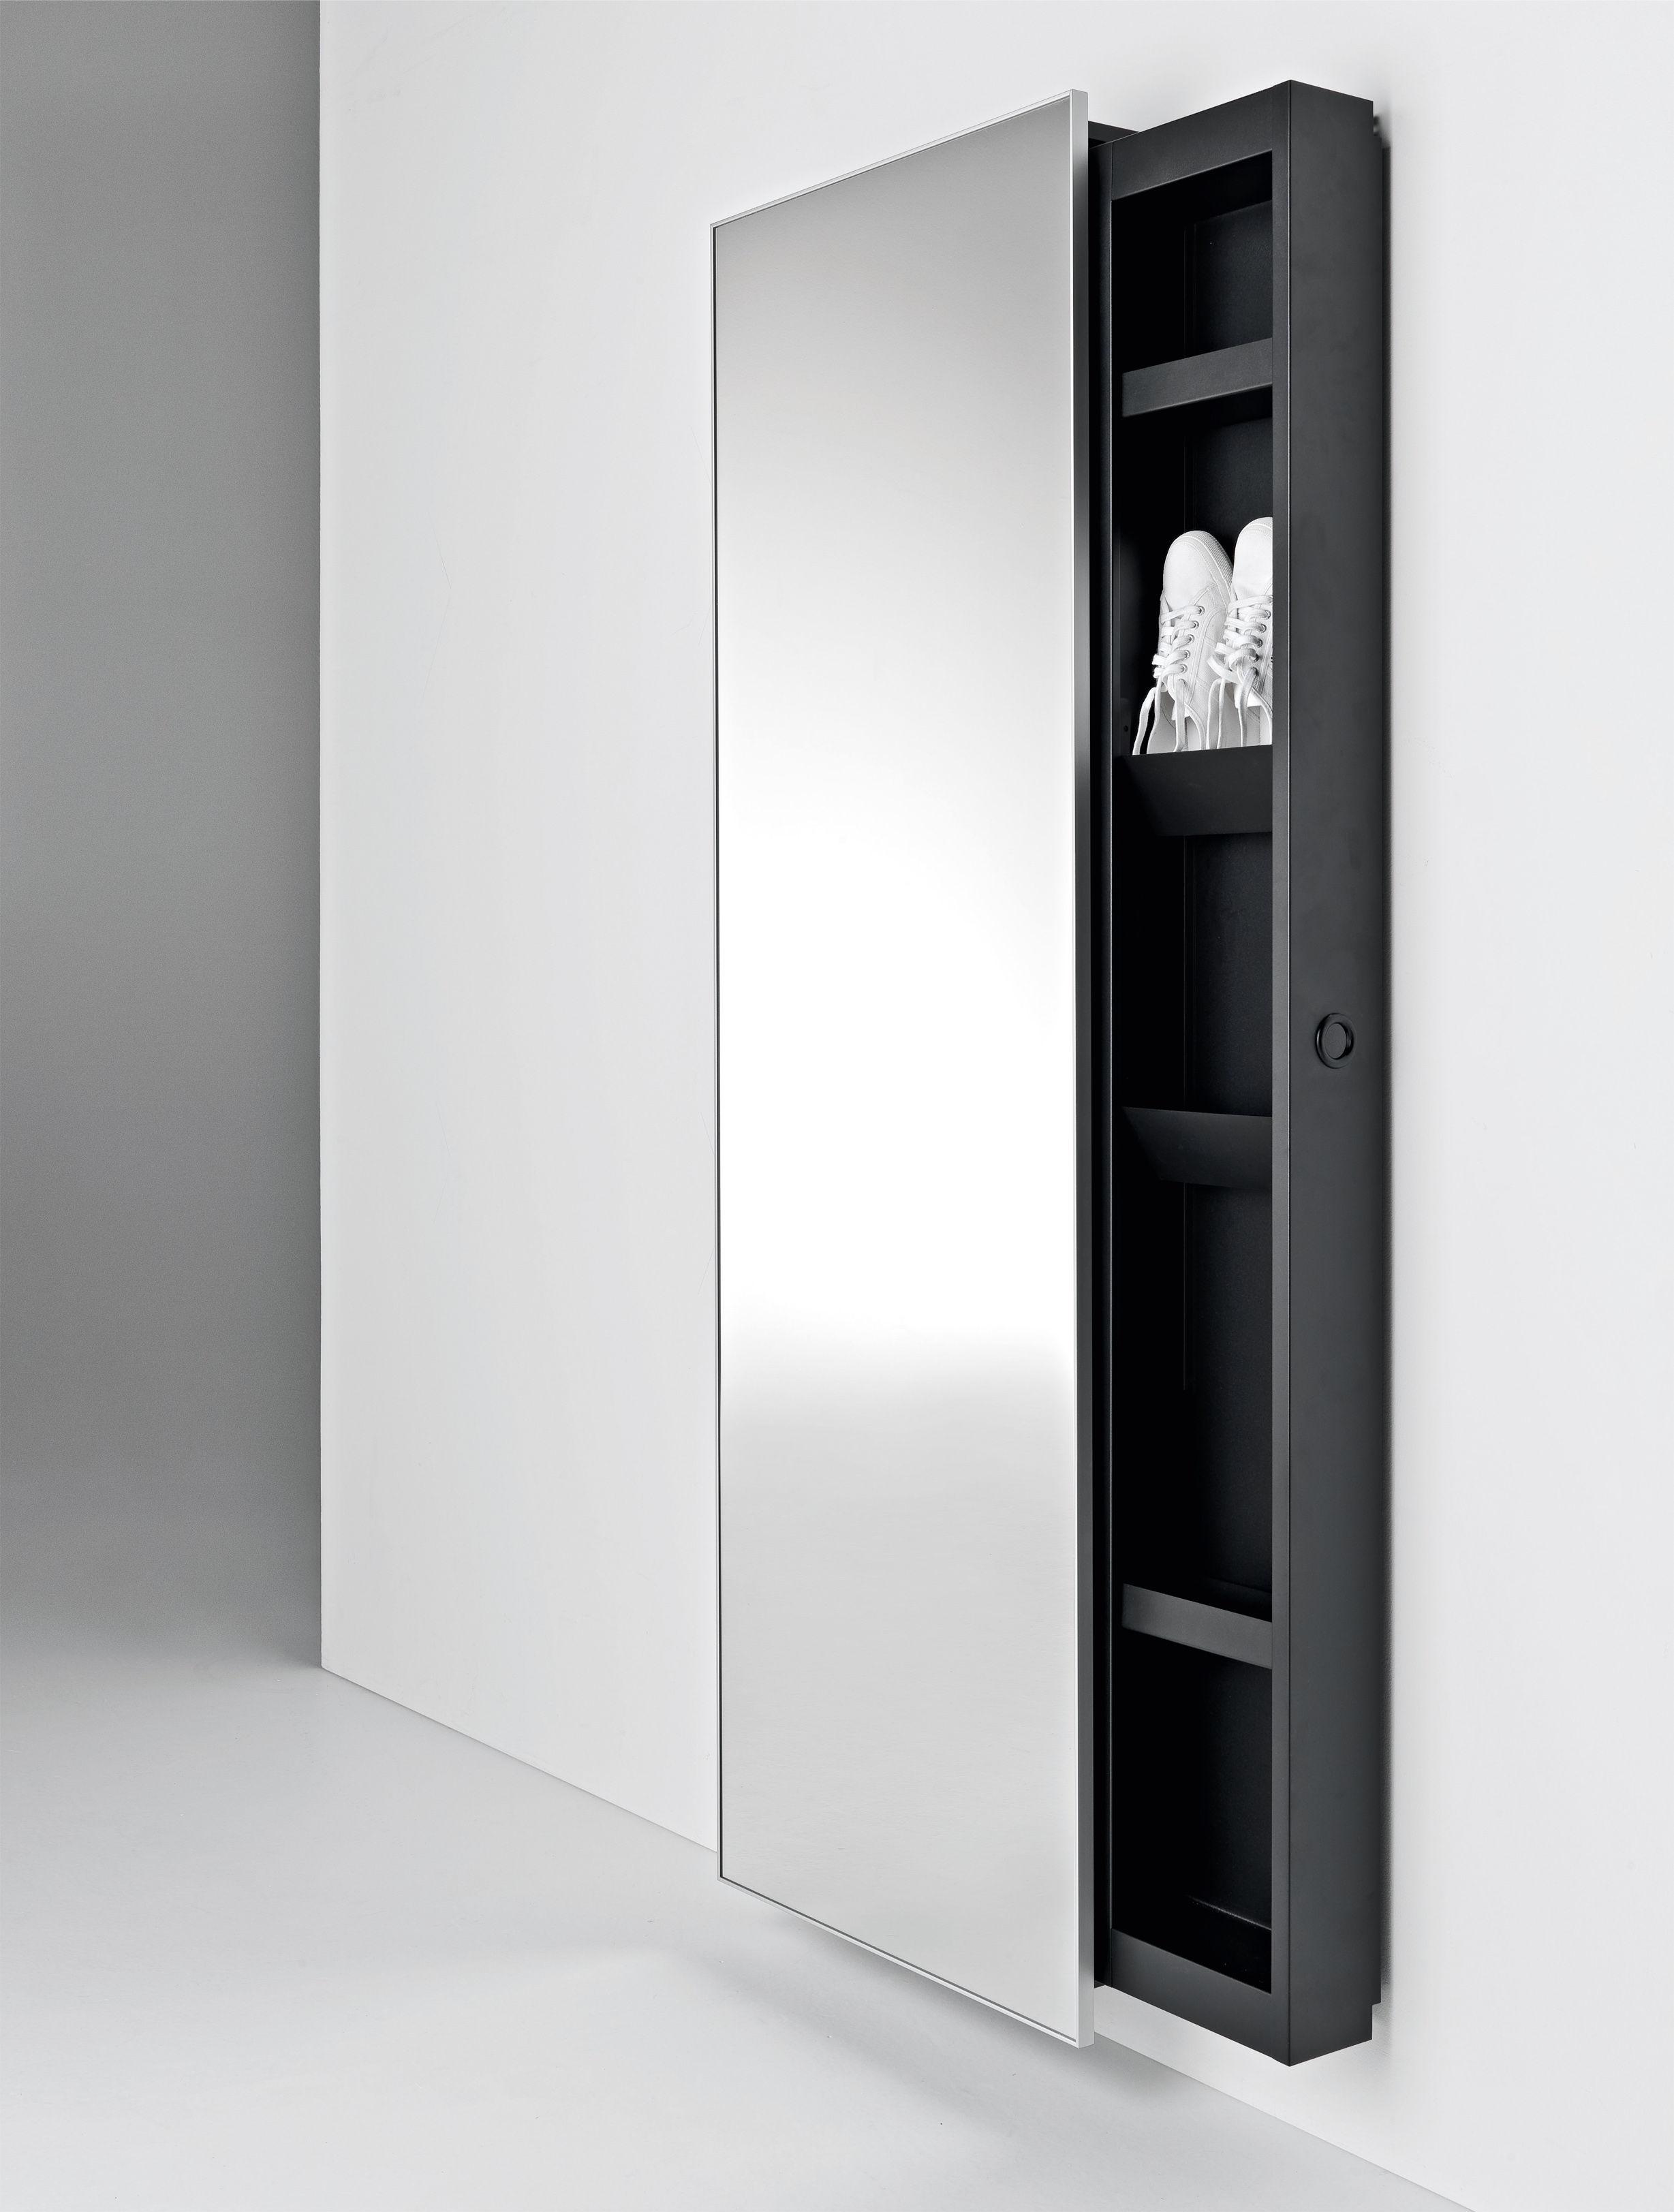 Armoire backstage miroir 64 x h 192 cm l 64 x h 192 cm for Miroir armoire